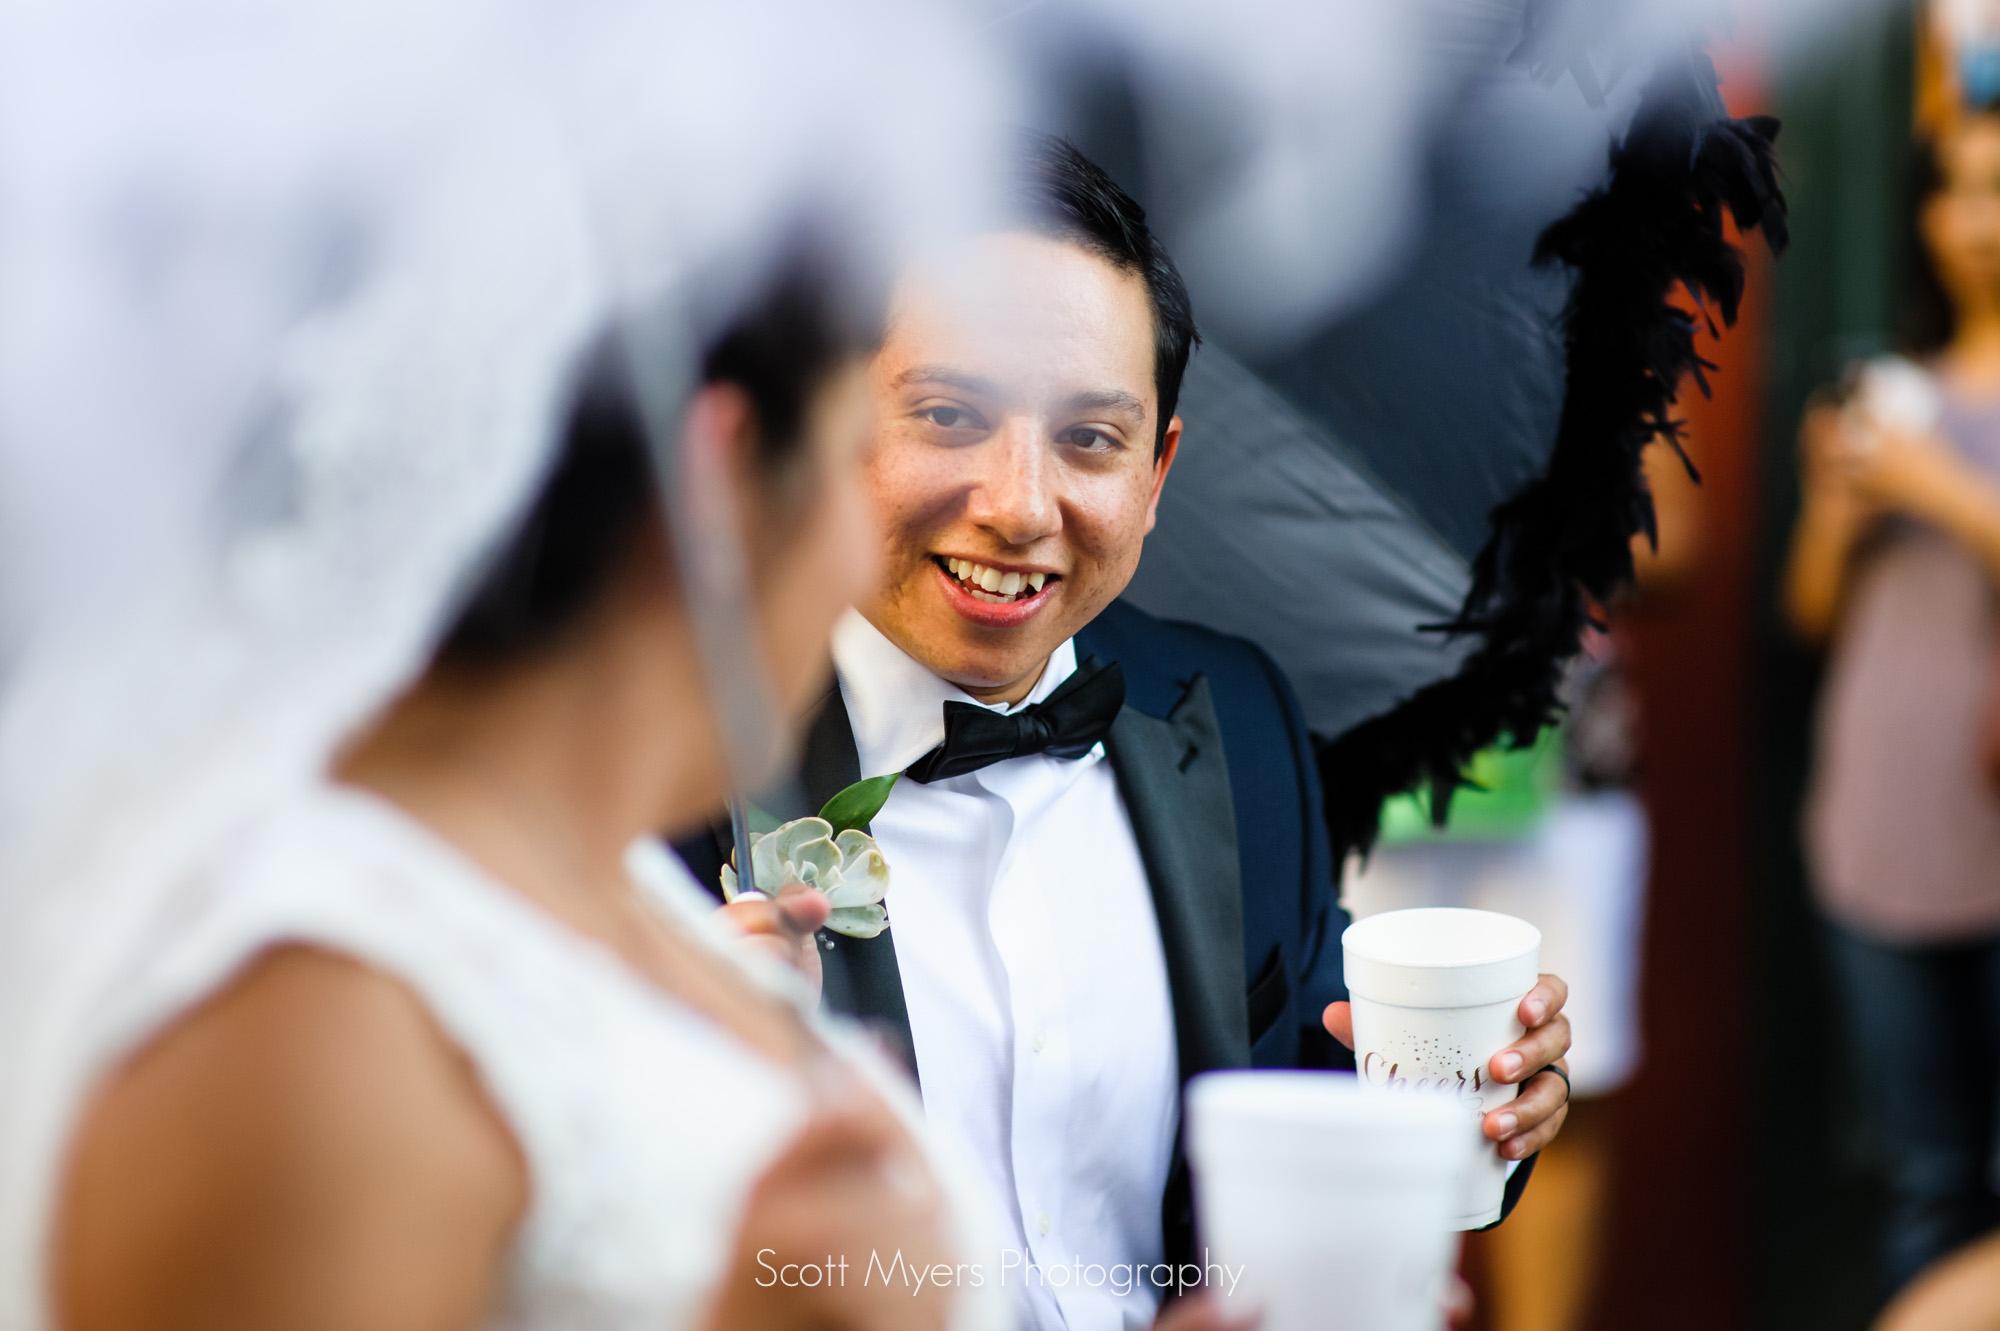 Scott_Myers_Wedding_New_Orleans_036.jpg